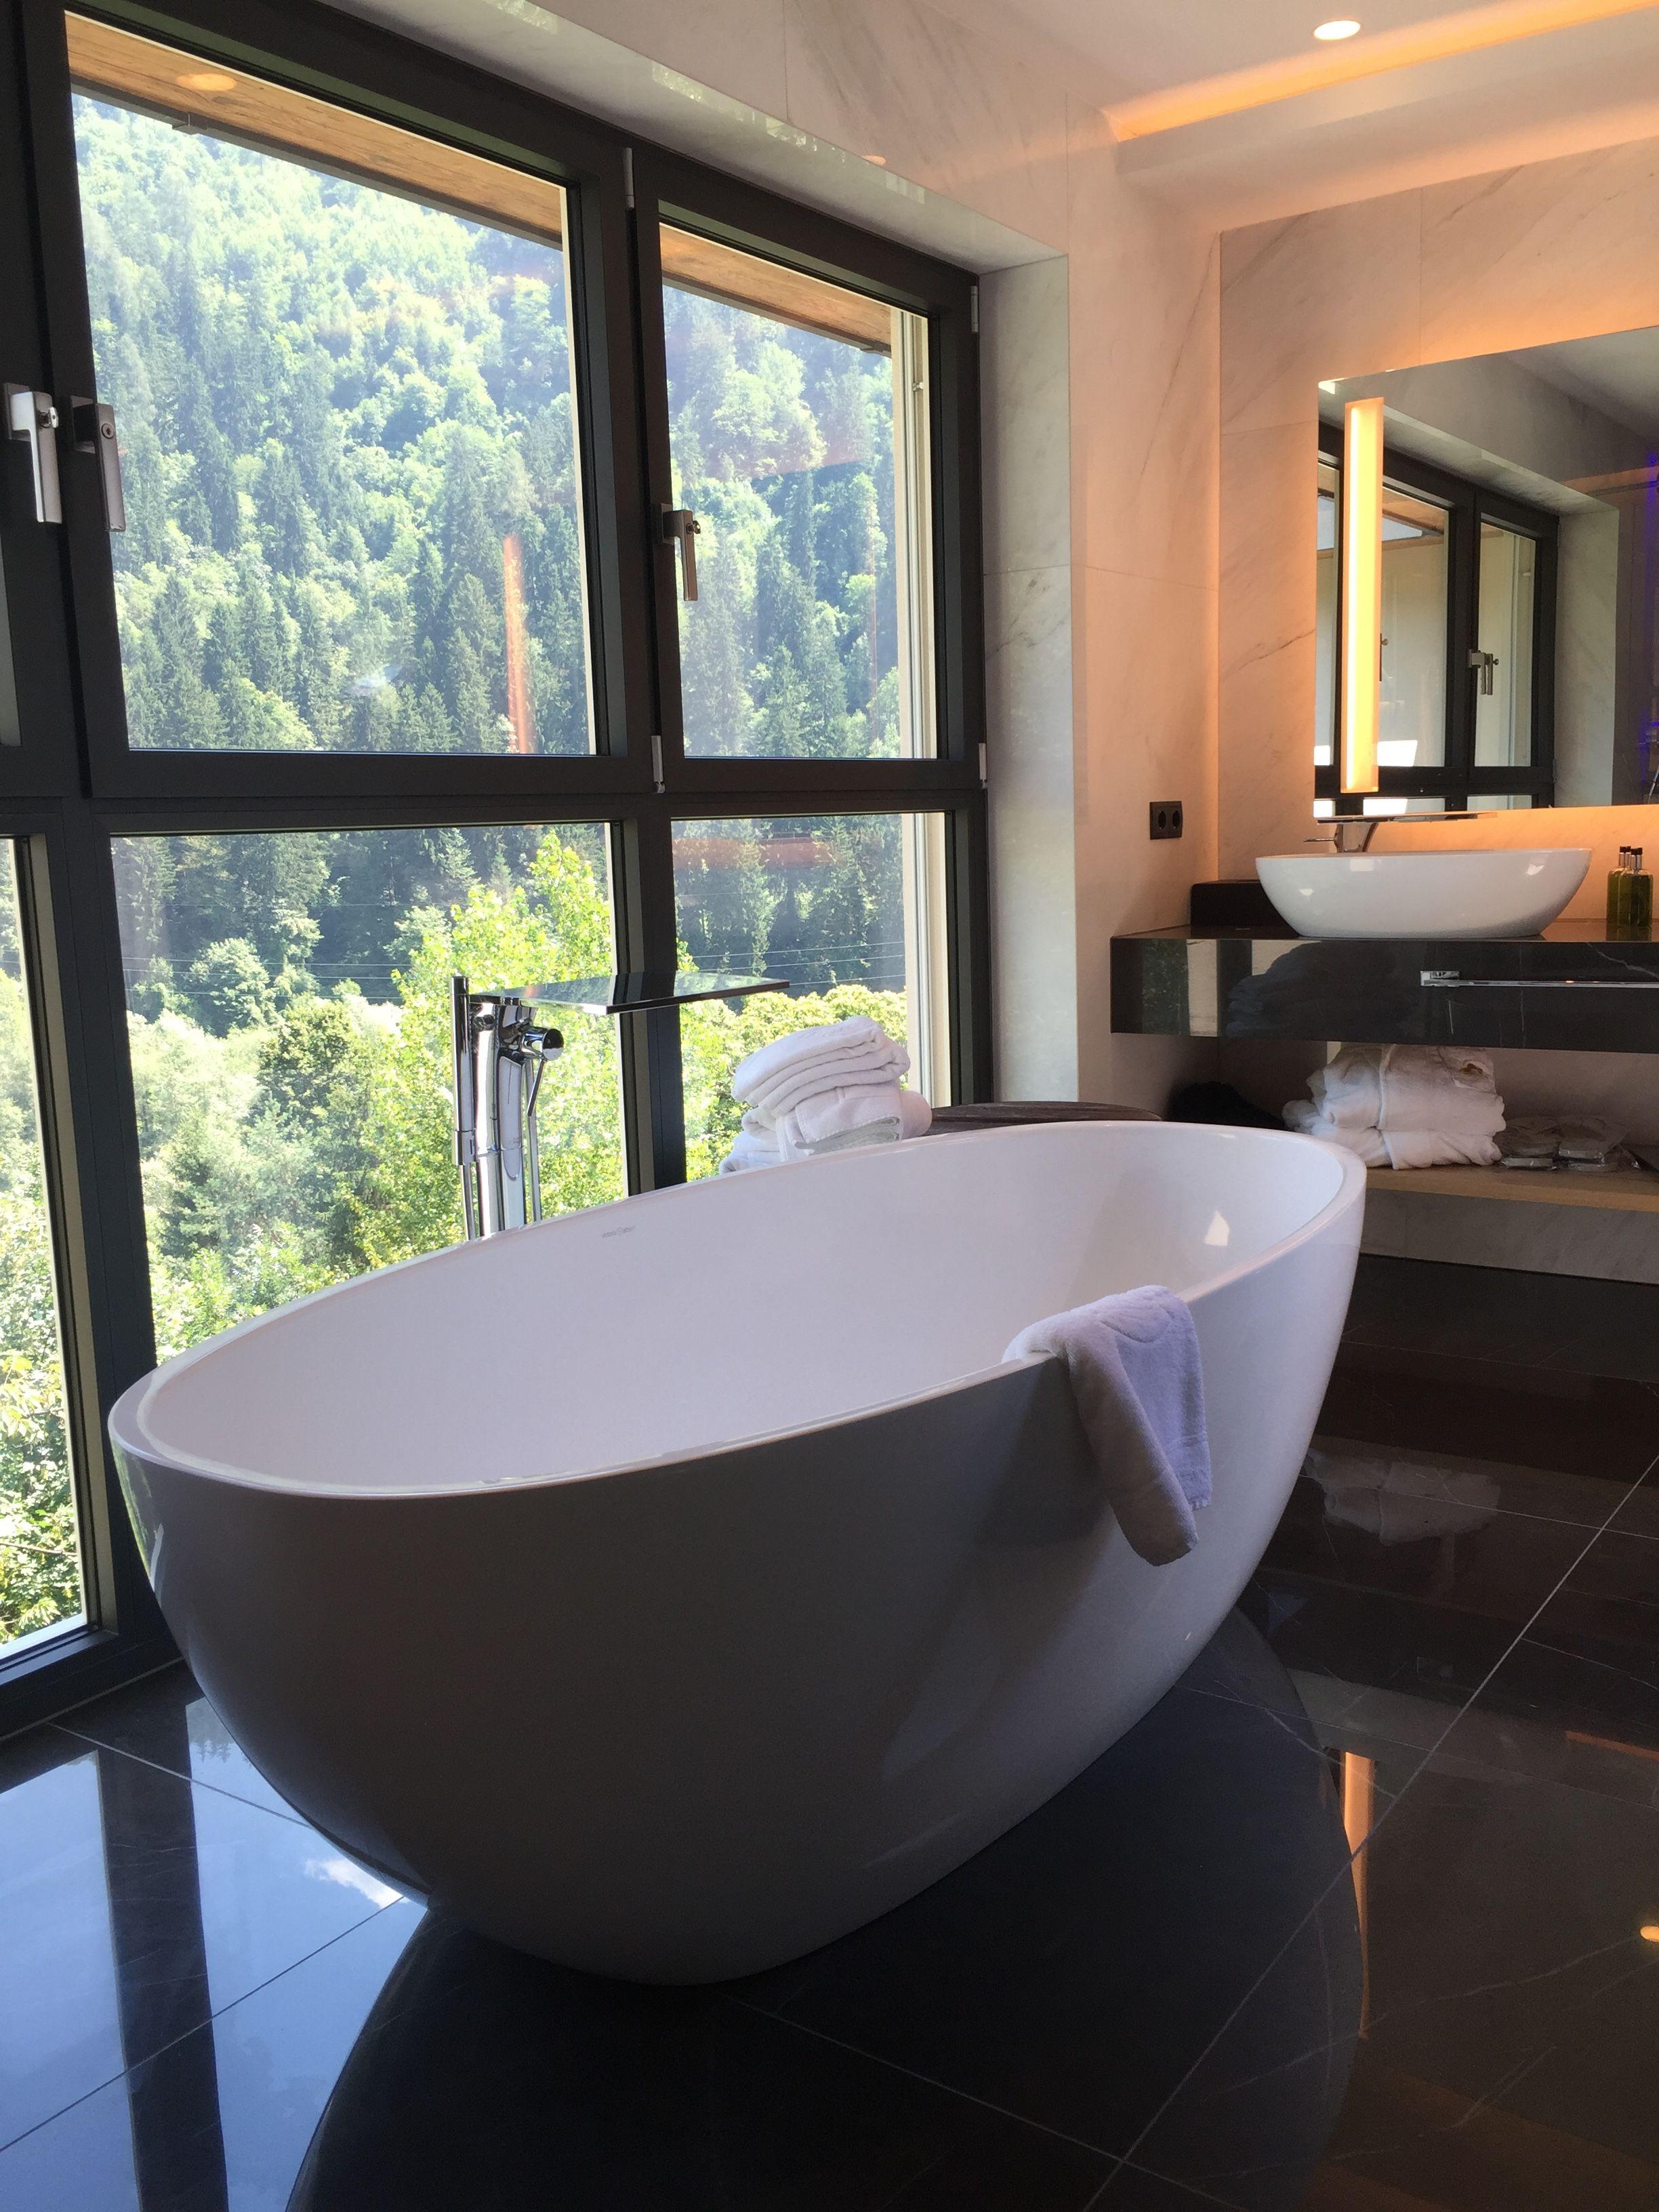 Freistehende Badewanne Auf Bodenfliesen In Marmoroptik. #Badezimmer # Badewanne #Marmorfliesen